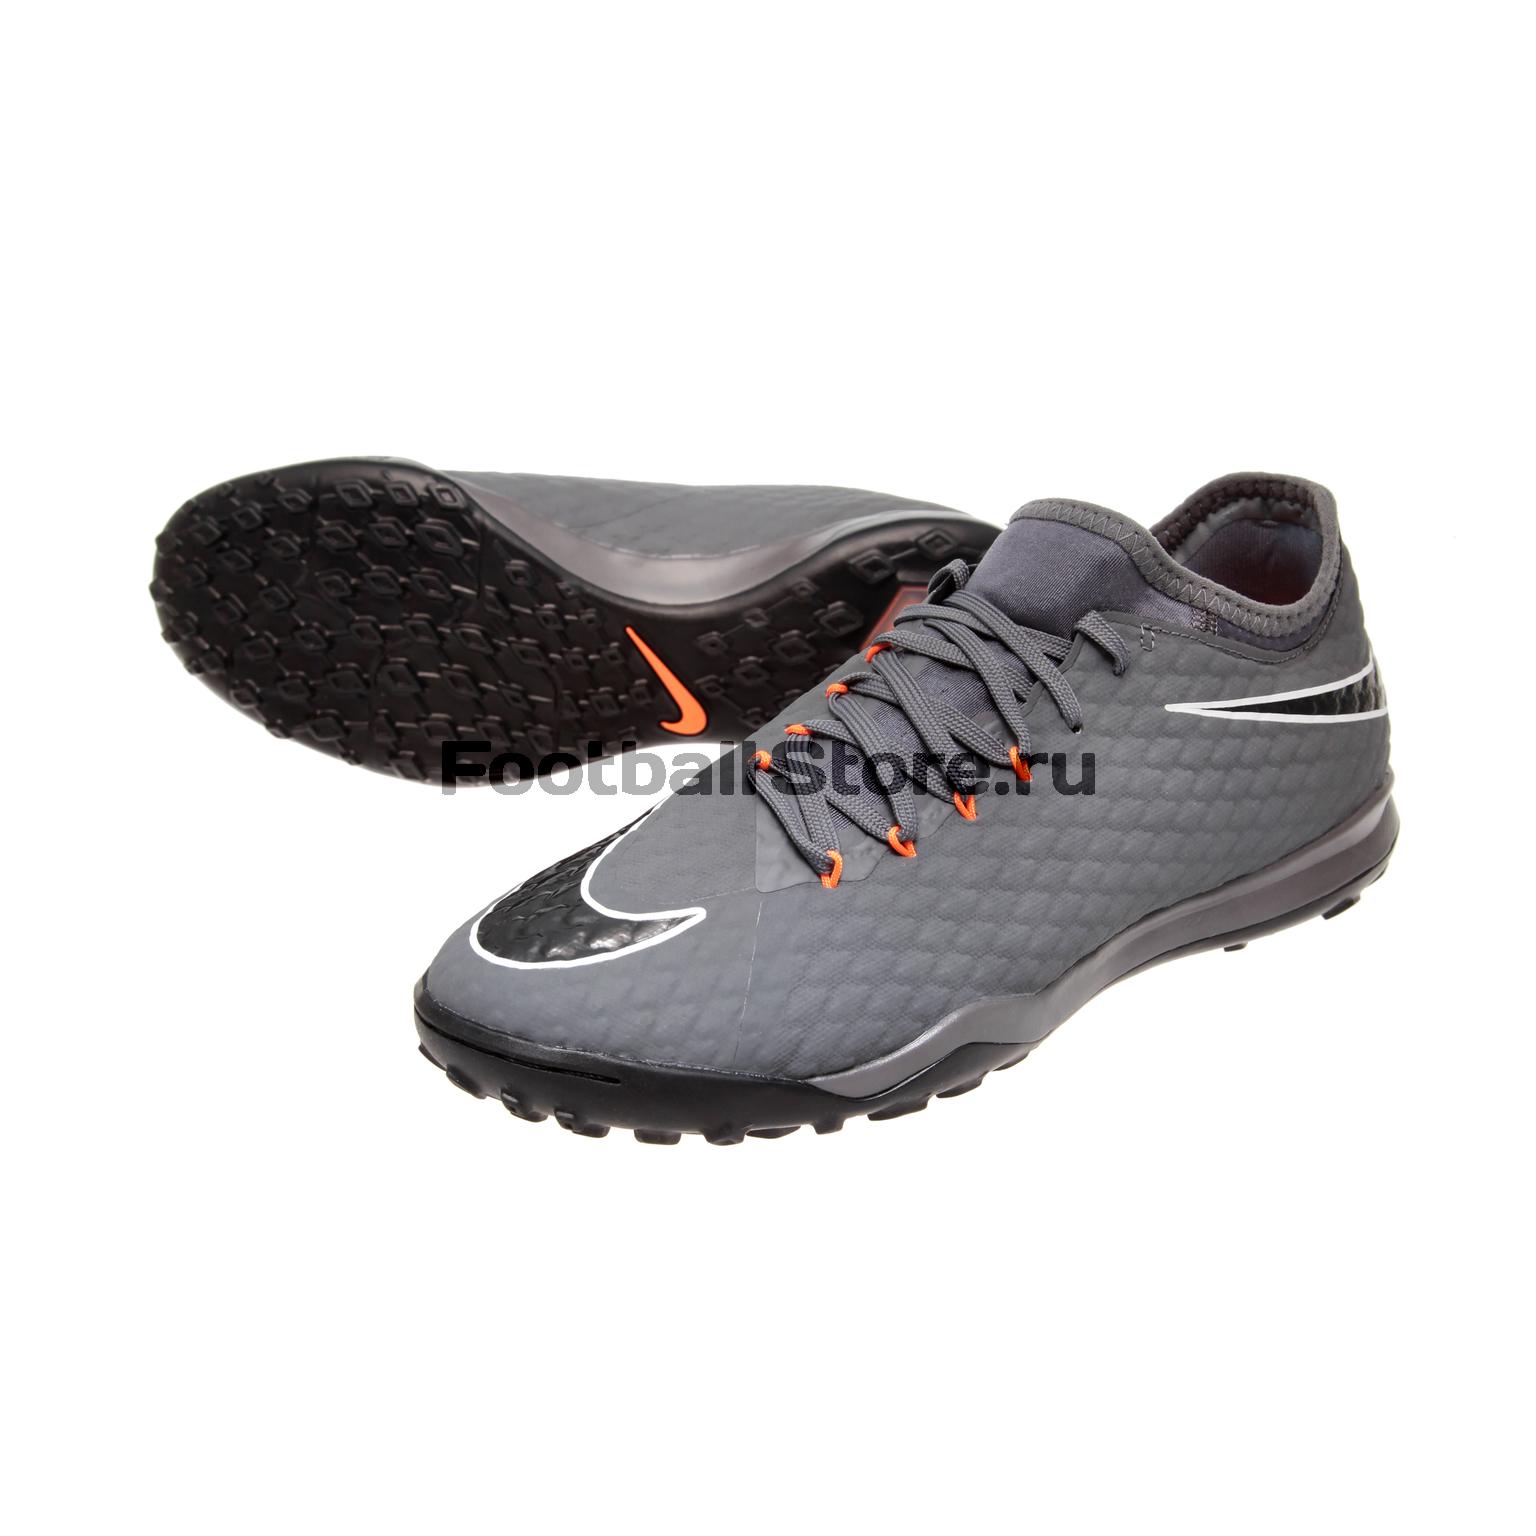 Шиповки Nike Шиповки Nike Zoom PhantomX 3 Pro TF AH7283-081 удлинитель zoom ecm 3